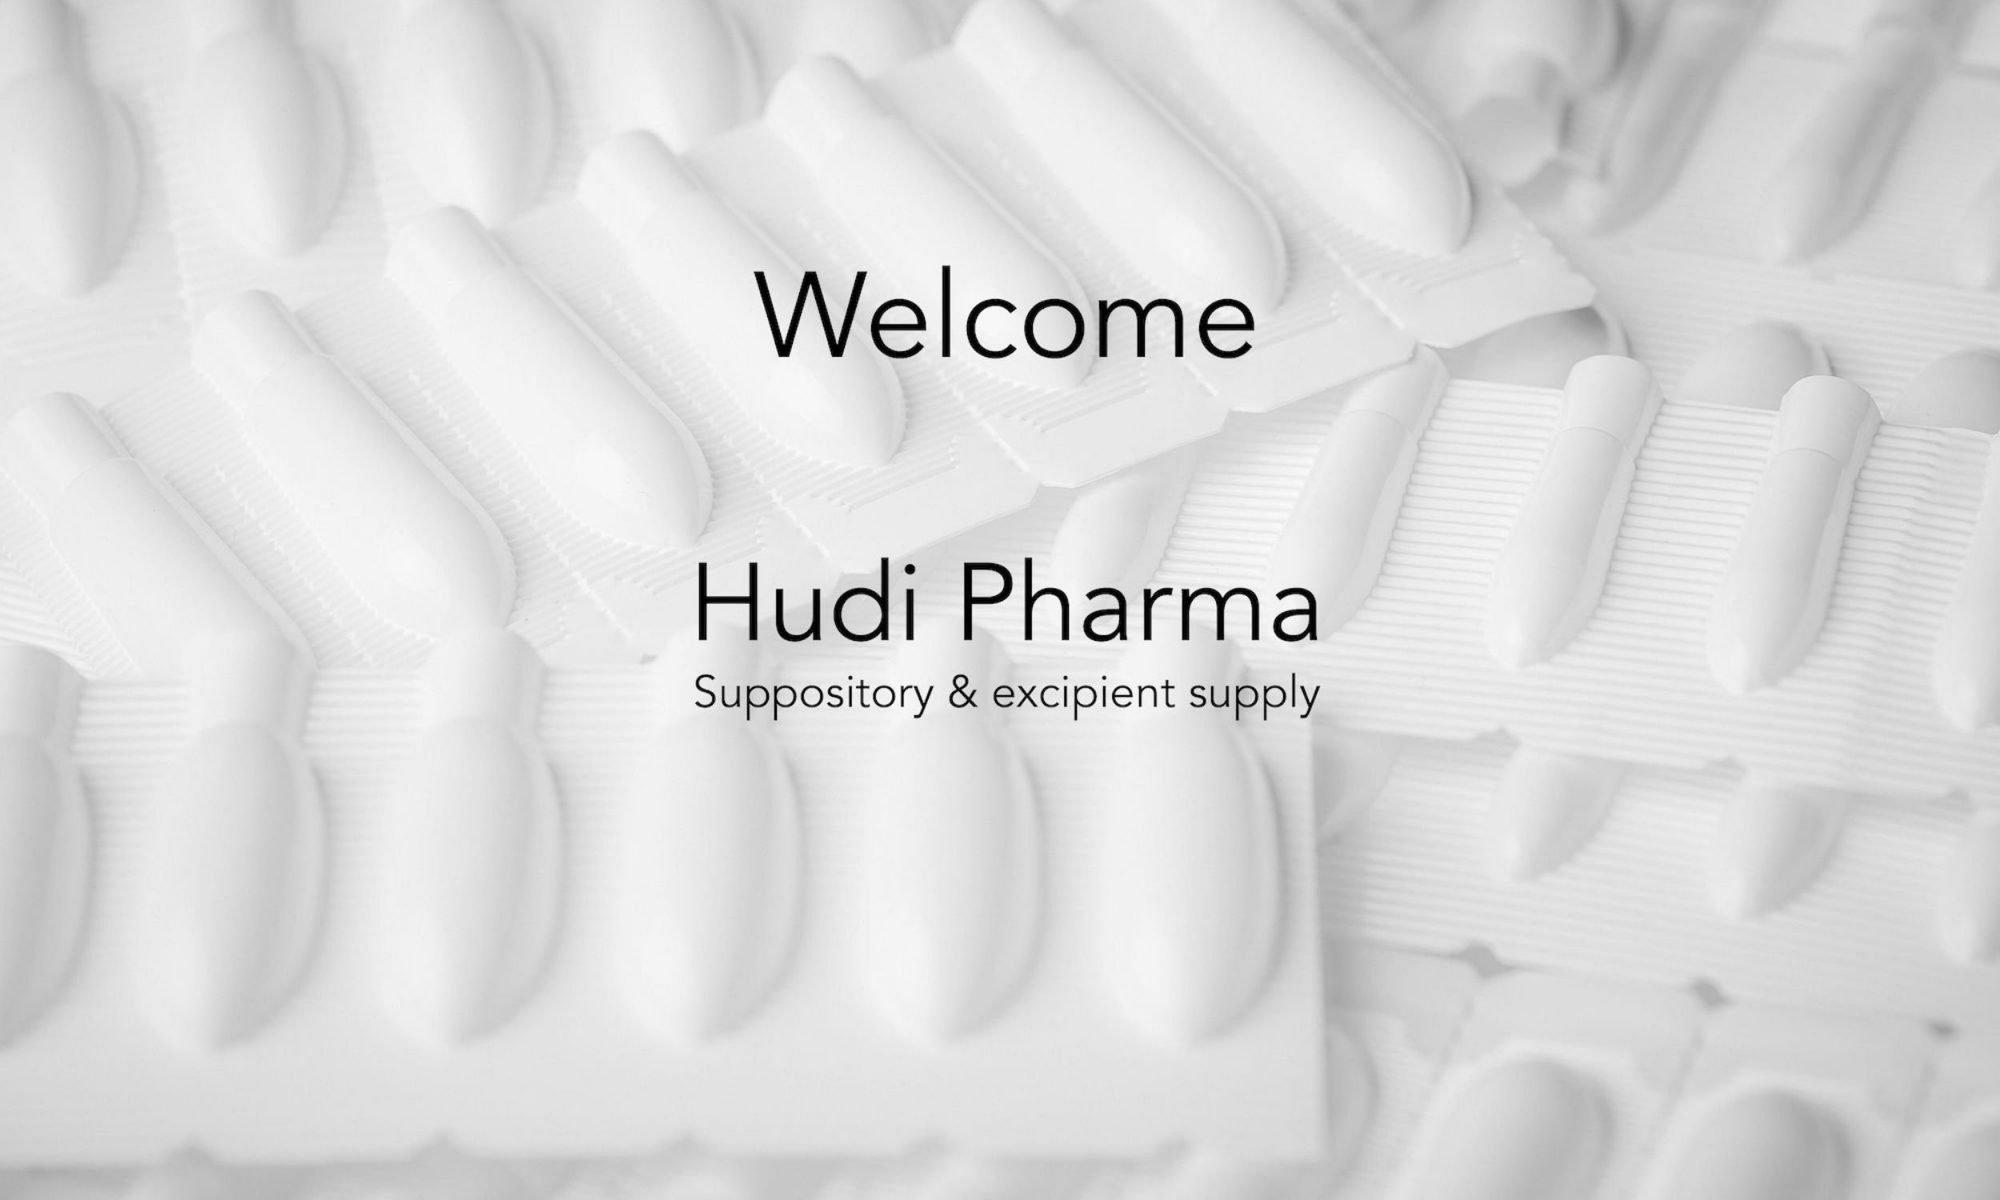 Hudi Pharma